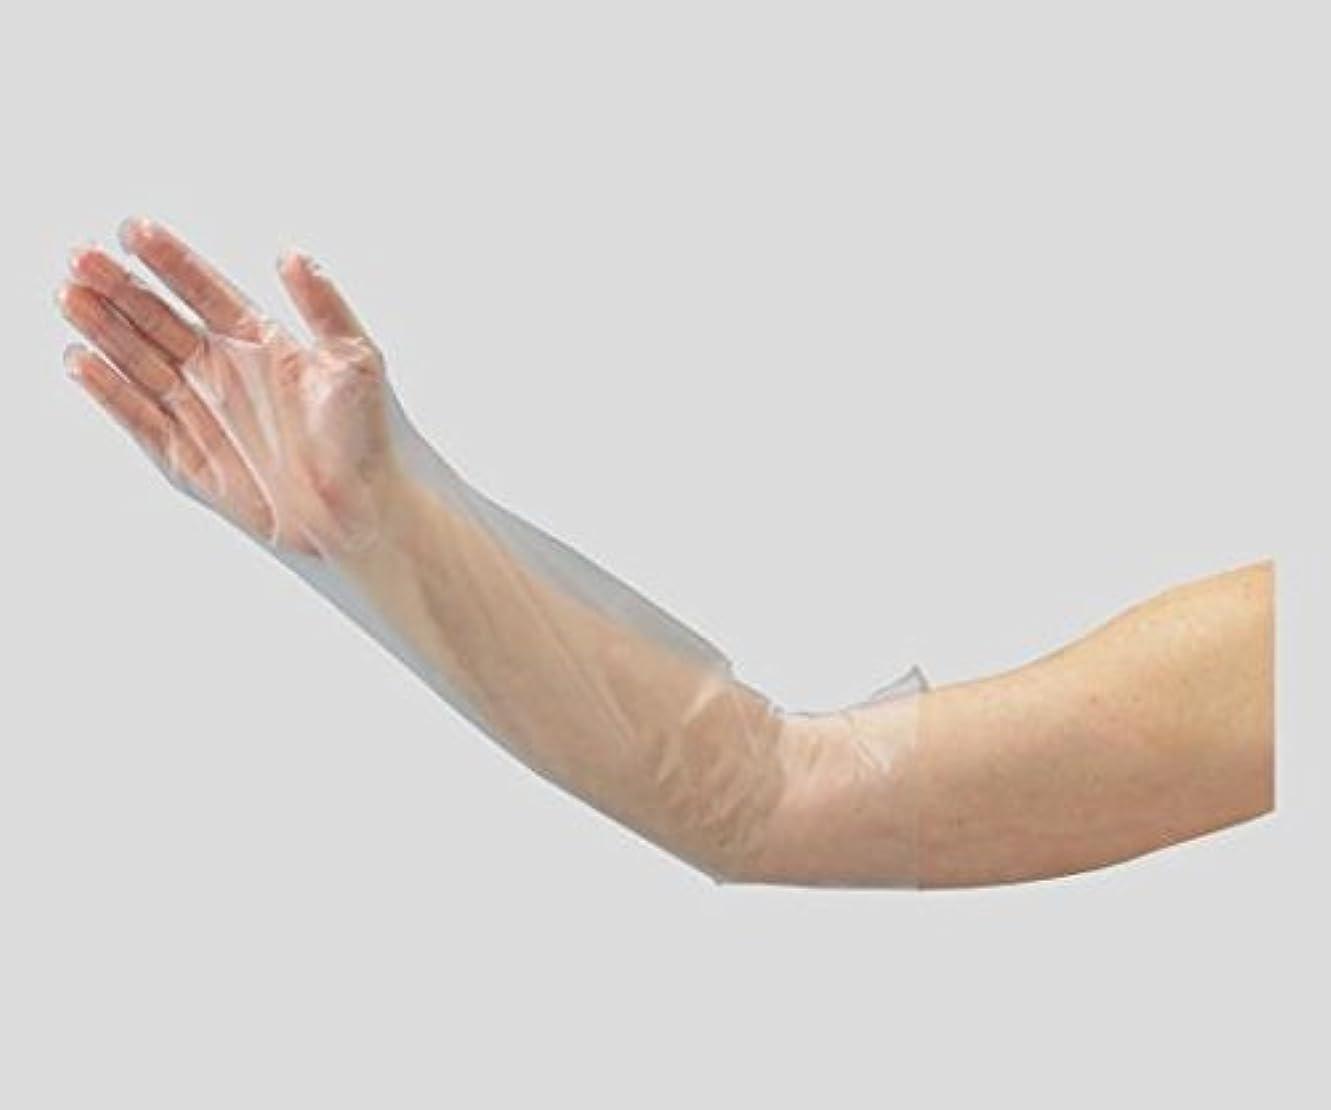 等価コーンウォール入学する2-9757-02ポリエチレンロング手袋(ひじピタ)M100枚入